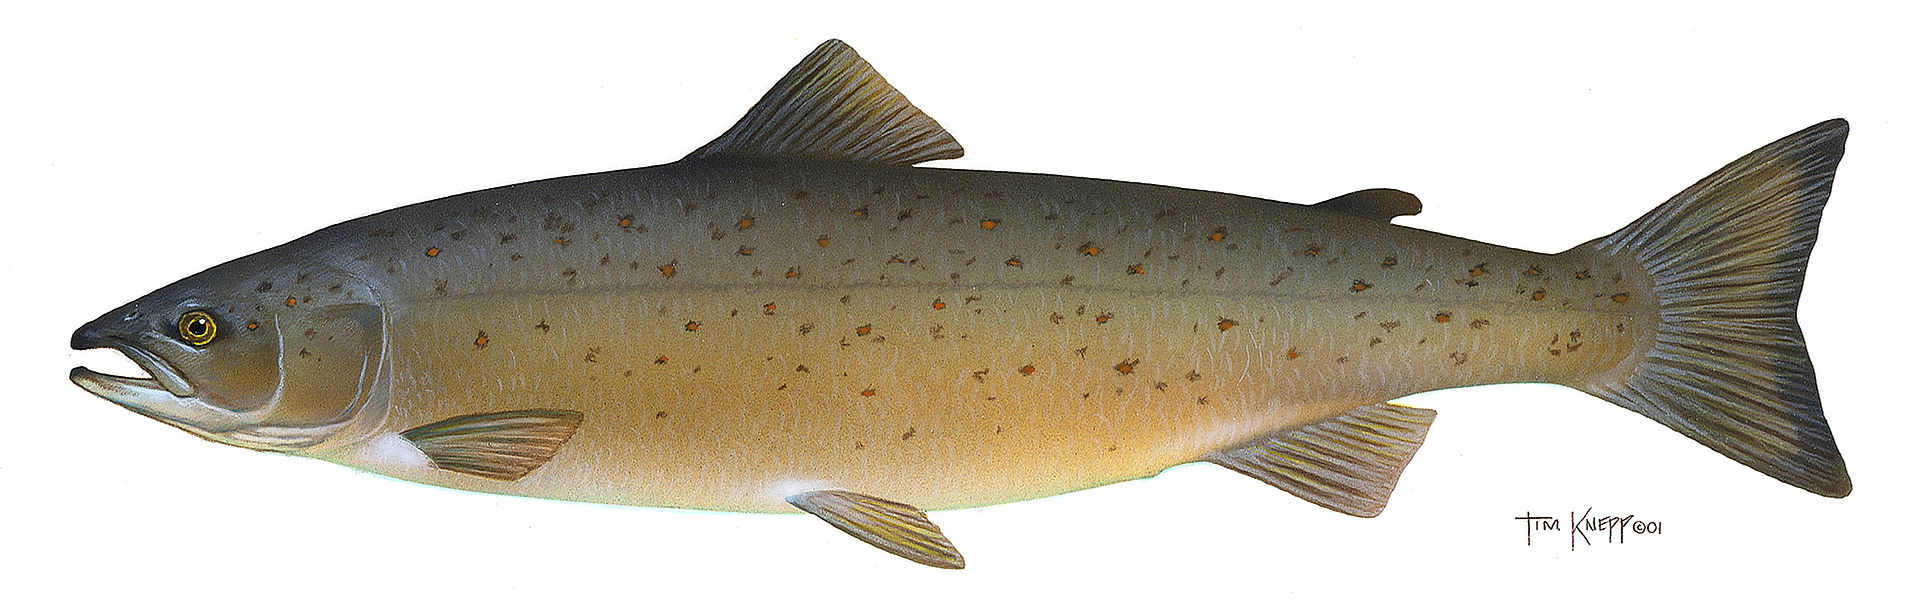 大西洋鲑 Salmo_salar_(crop),鲑鱼的常见种类之一.jpg